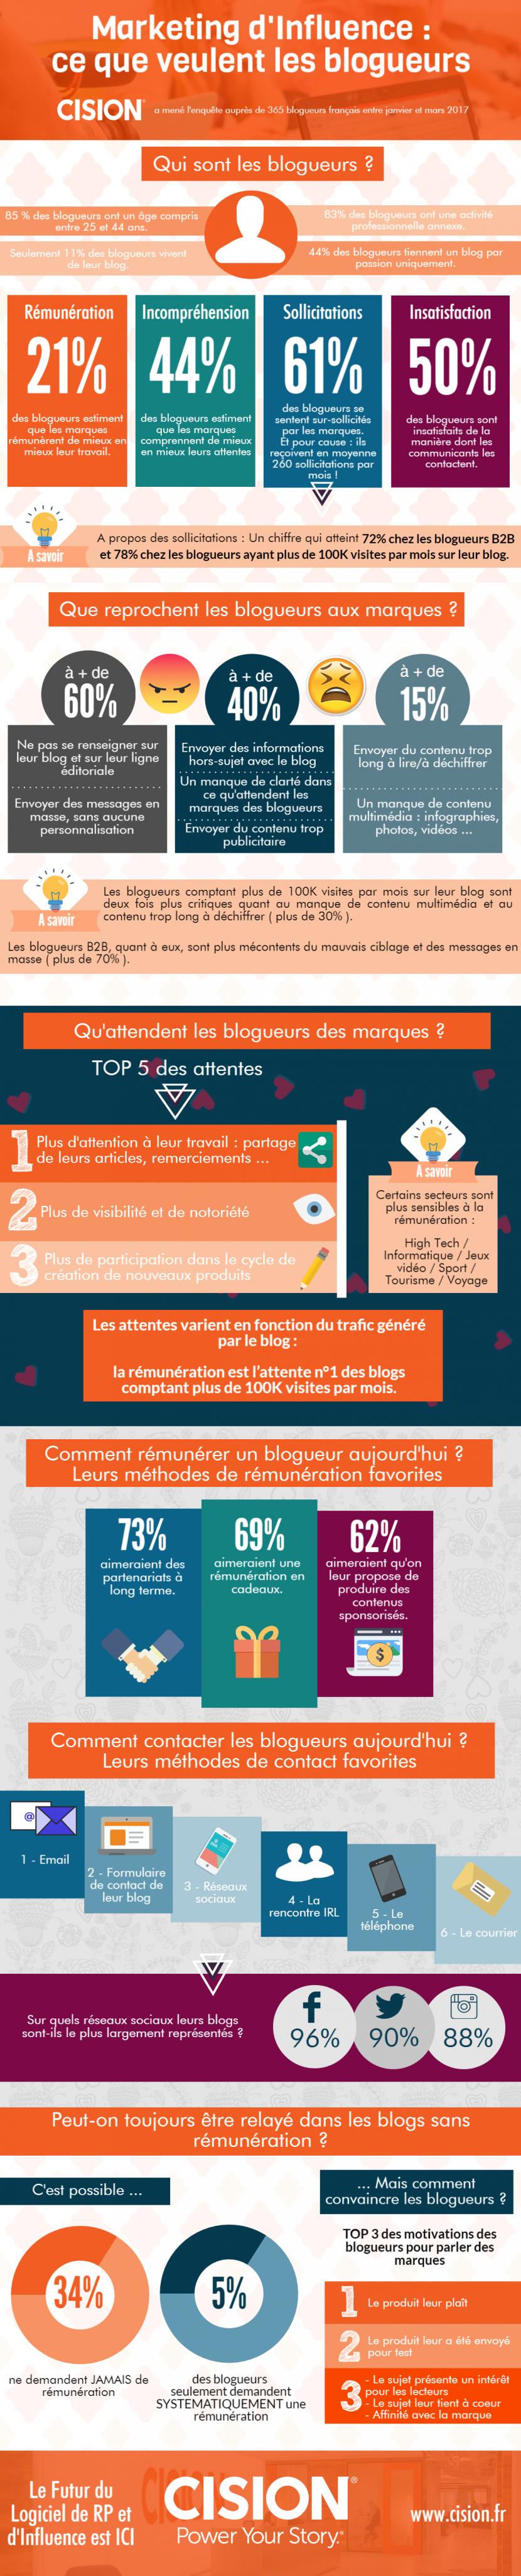 Cision -Infographie-Marketing-dinfluence-ce-que-veulent-les-blogueurs